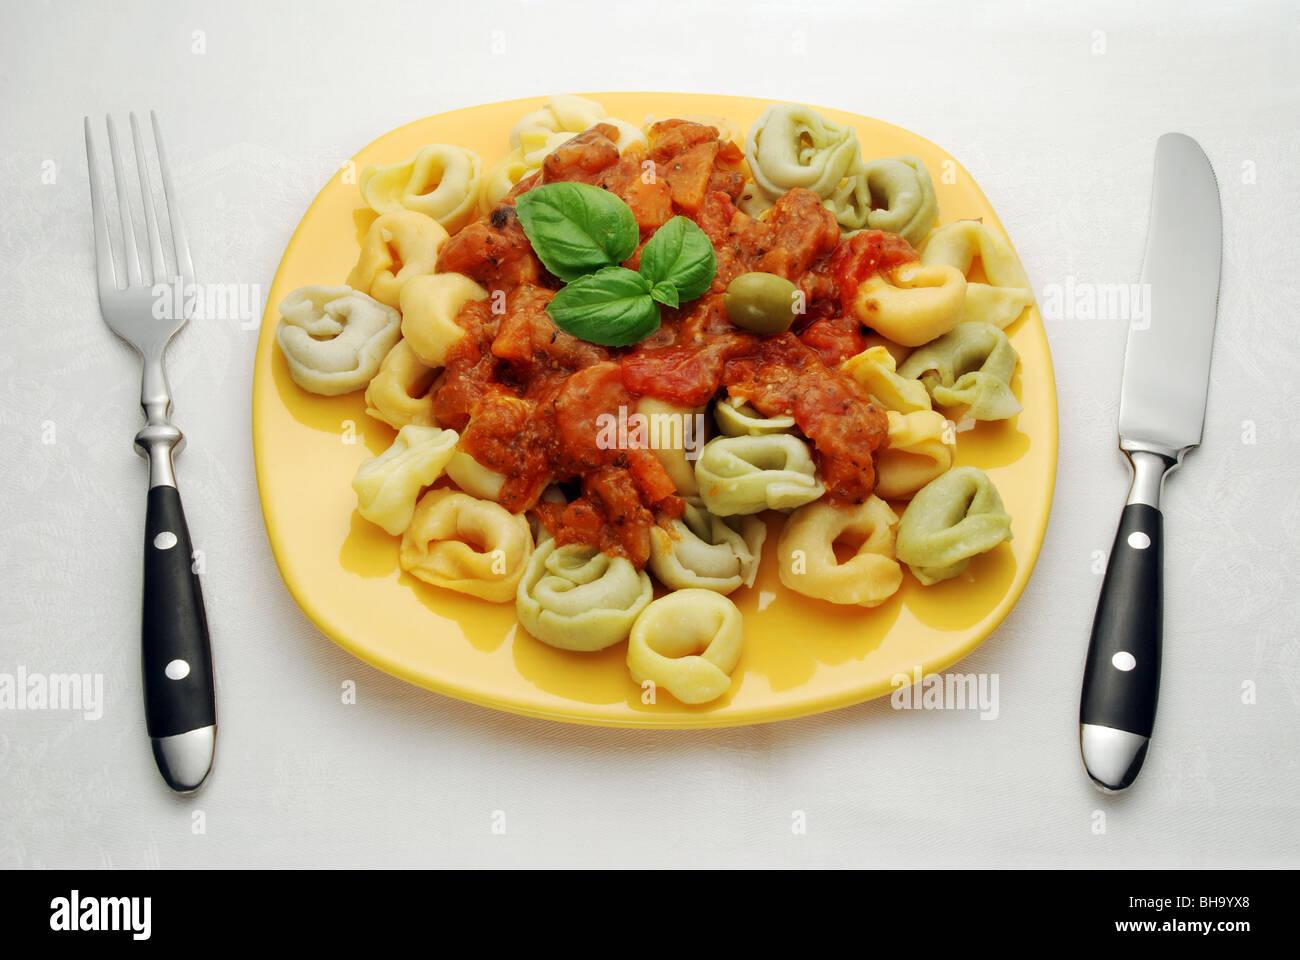 bunte tortellini mit tomatensauce auf gelb teller mit messer und gabel stockfoto bild 27878992. Black Bedroom Furniture Sets. Home Design Ideas